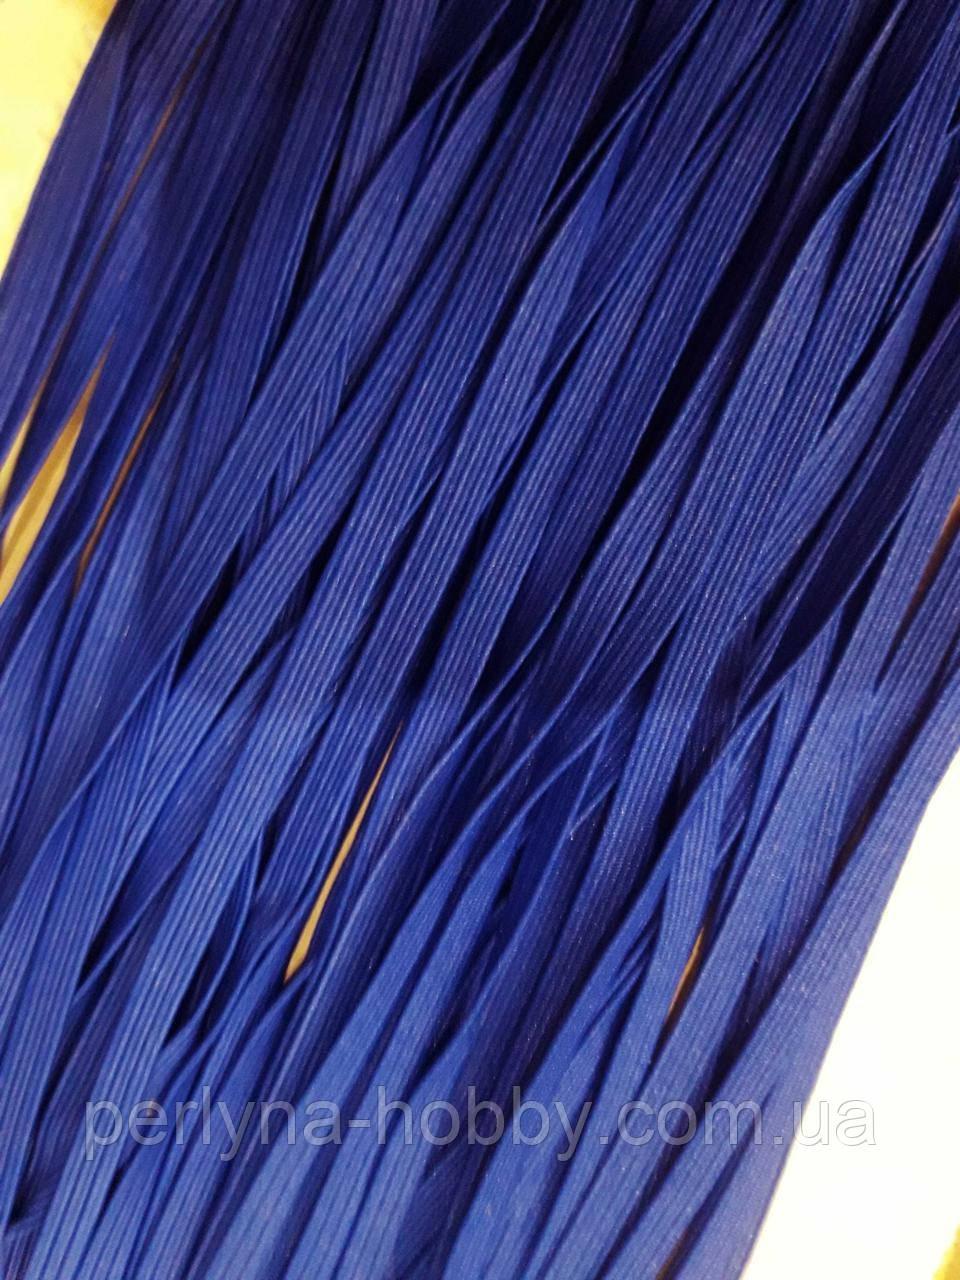 Резинка Гумка білизняна  синя 5мм.Тайланд. Ціна за метр